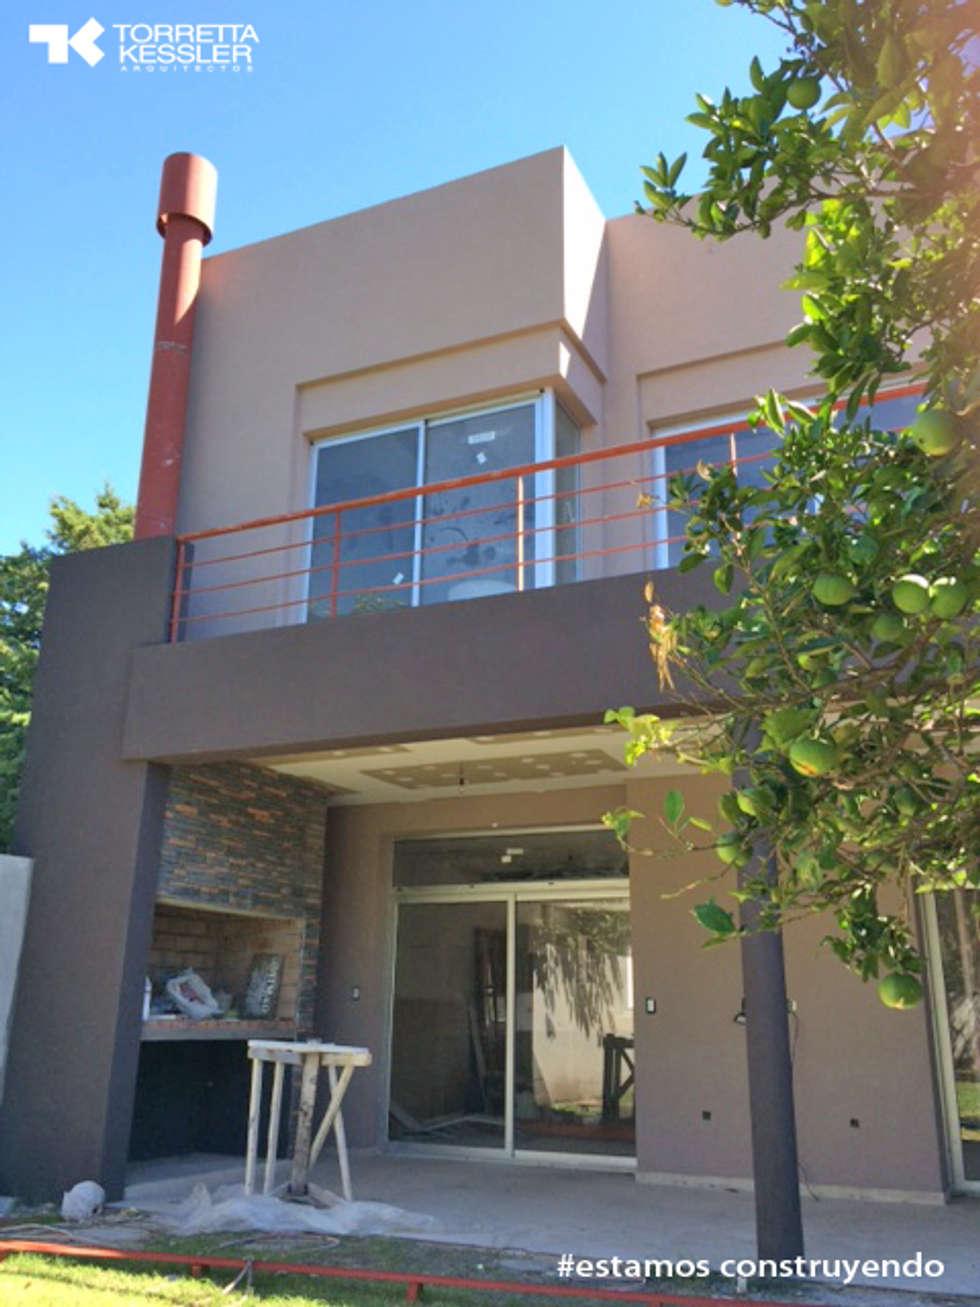 Roque Vazquez: Casas de estilo moderno por TORRETTA KESSLER Arquitectos